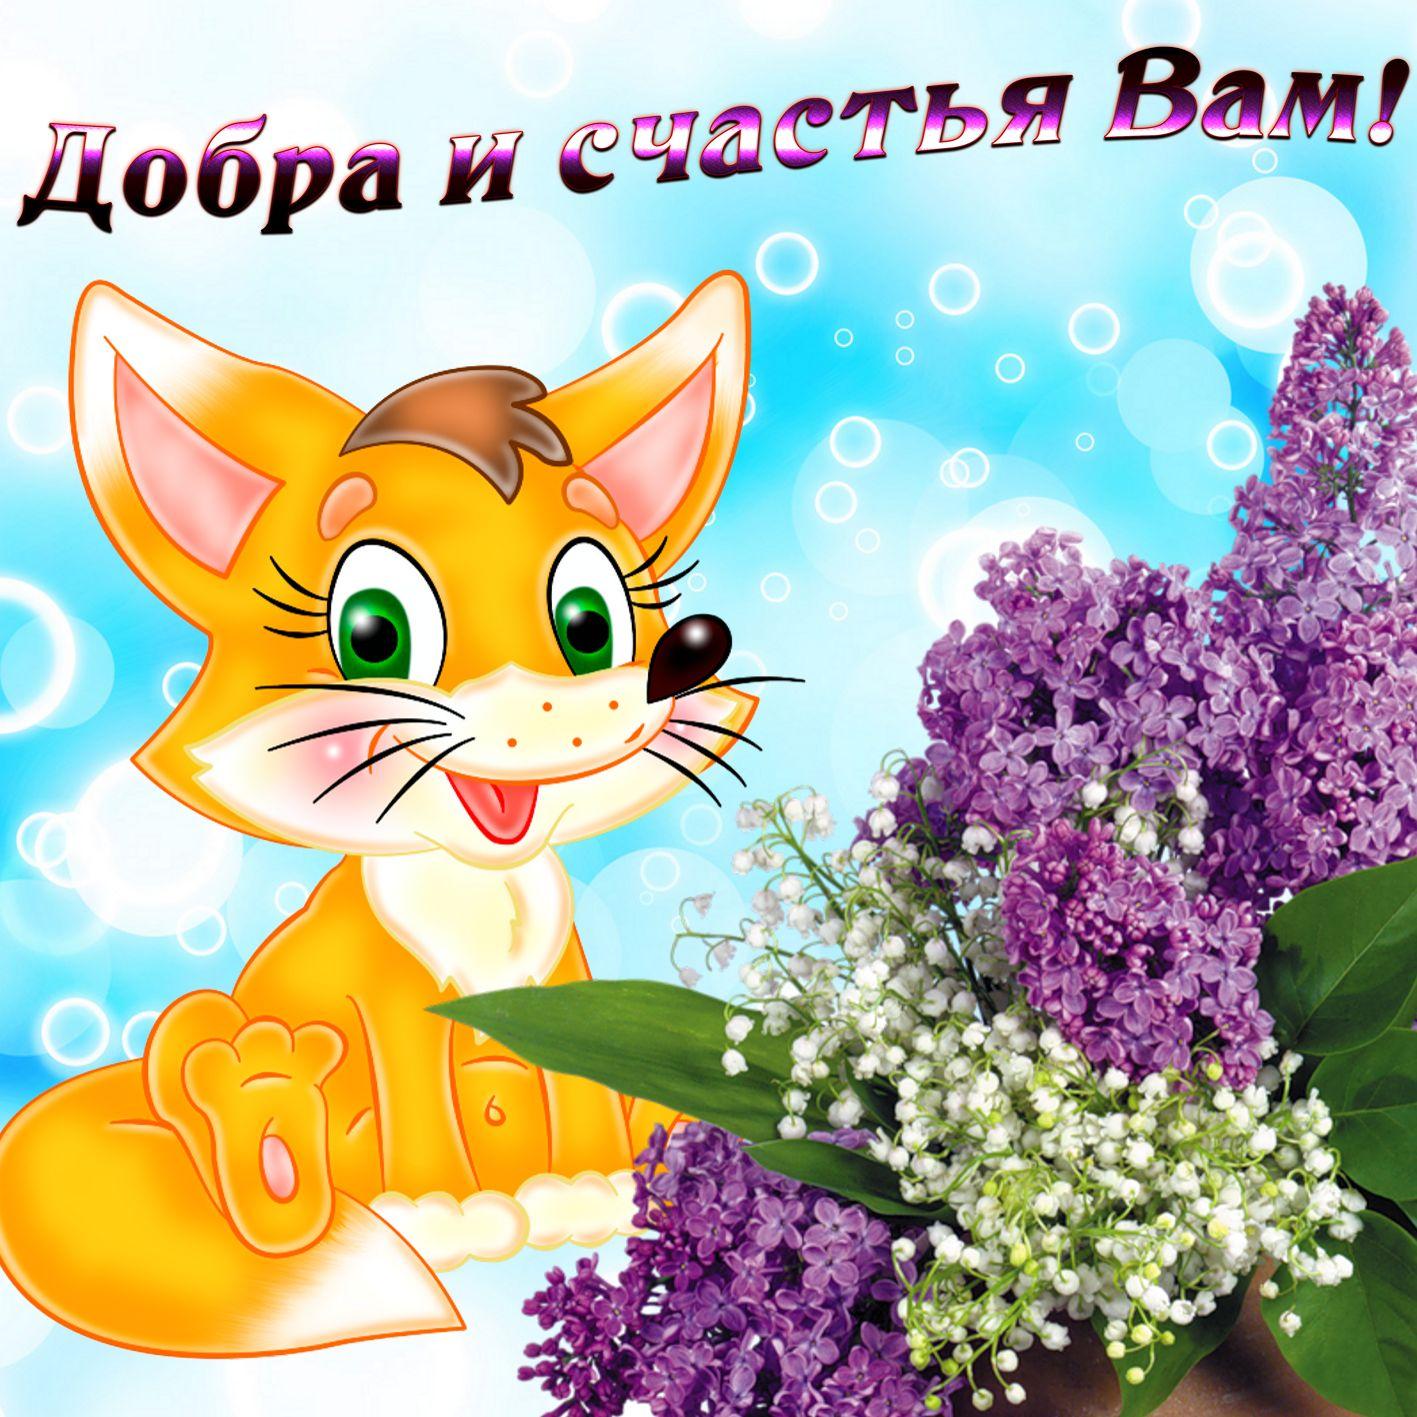 Открытка с лисёнком на фоне сирени и пожелание счастья